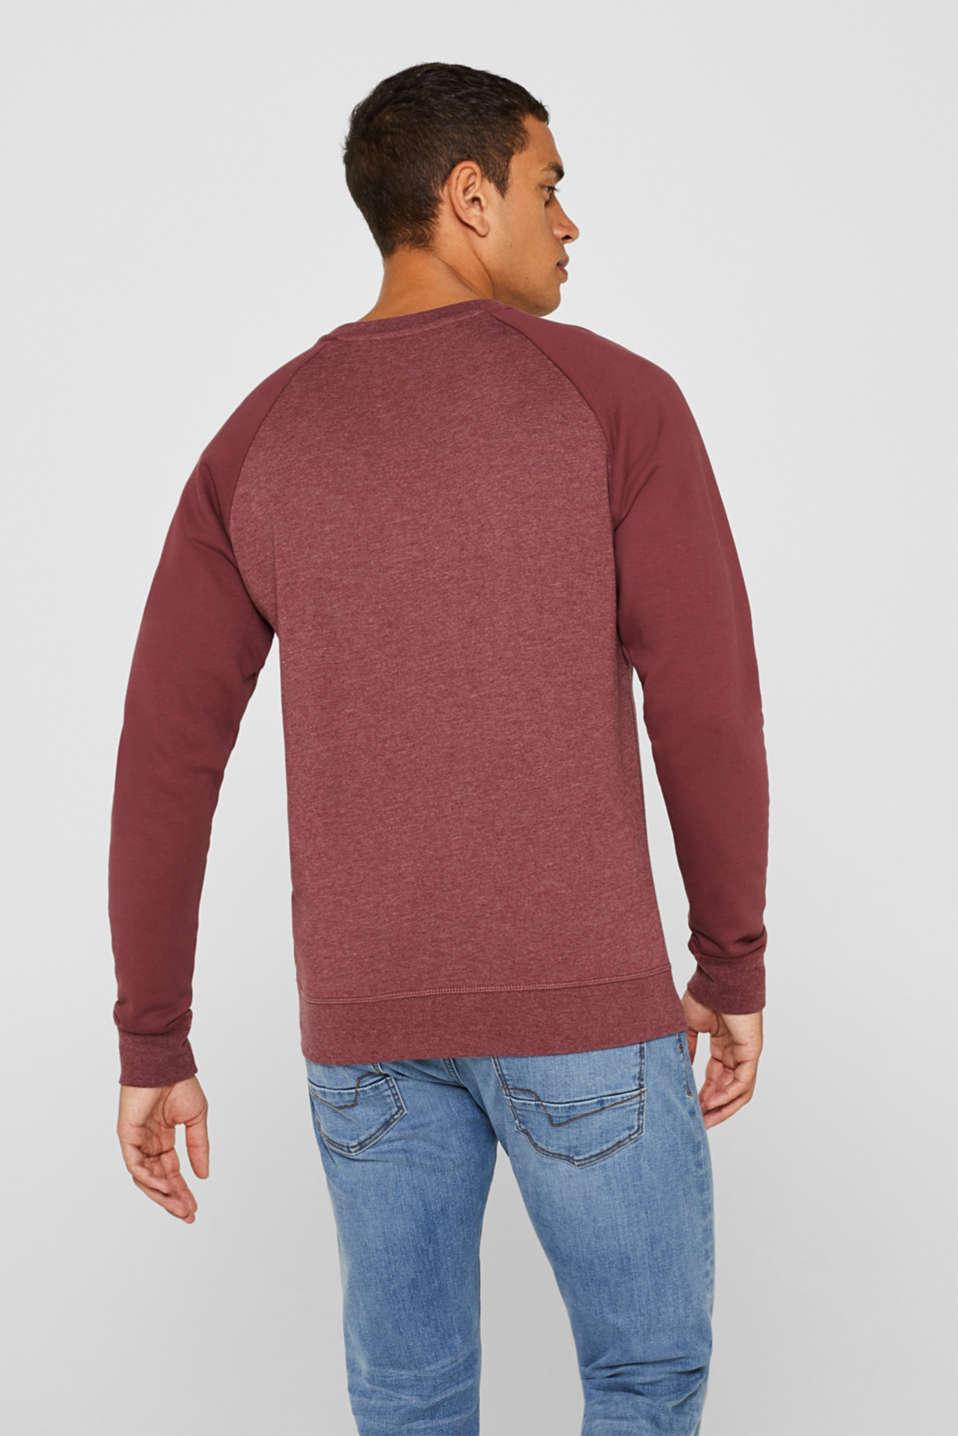 Sweatshirt with logo, 100% cotton, BLUSH, detail image number 3